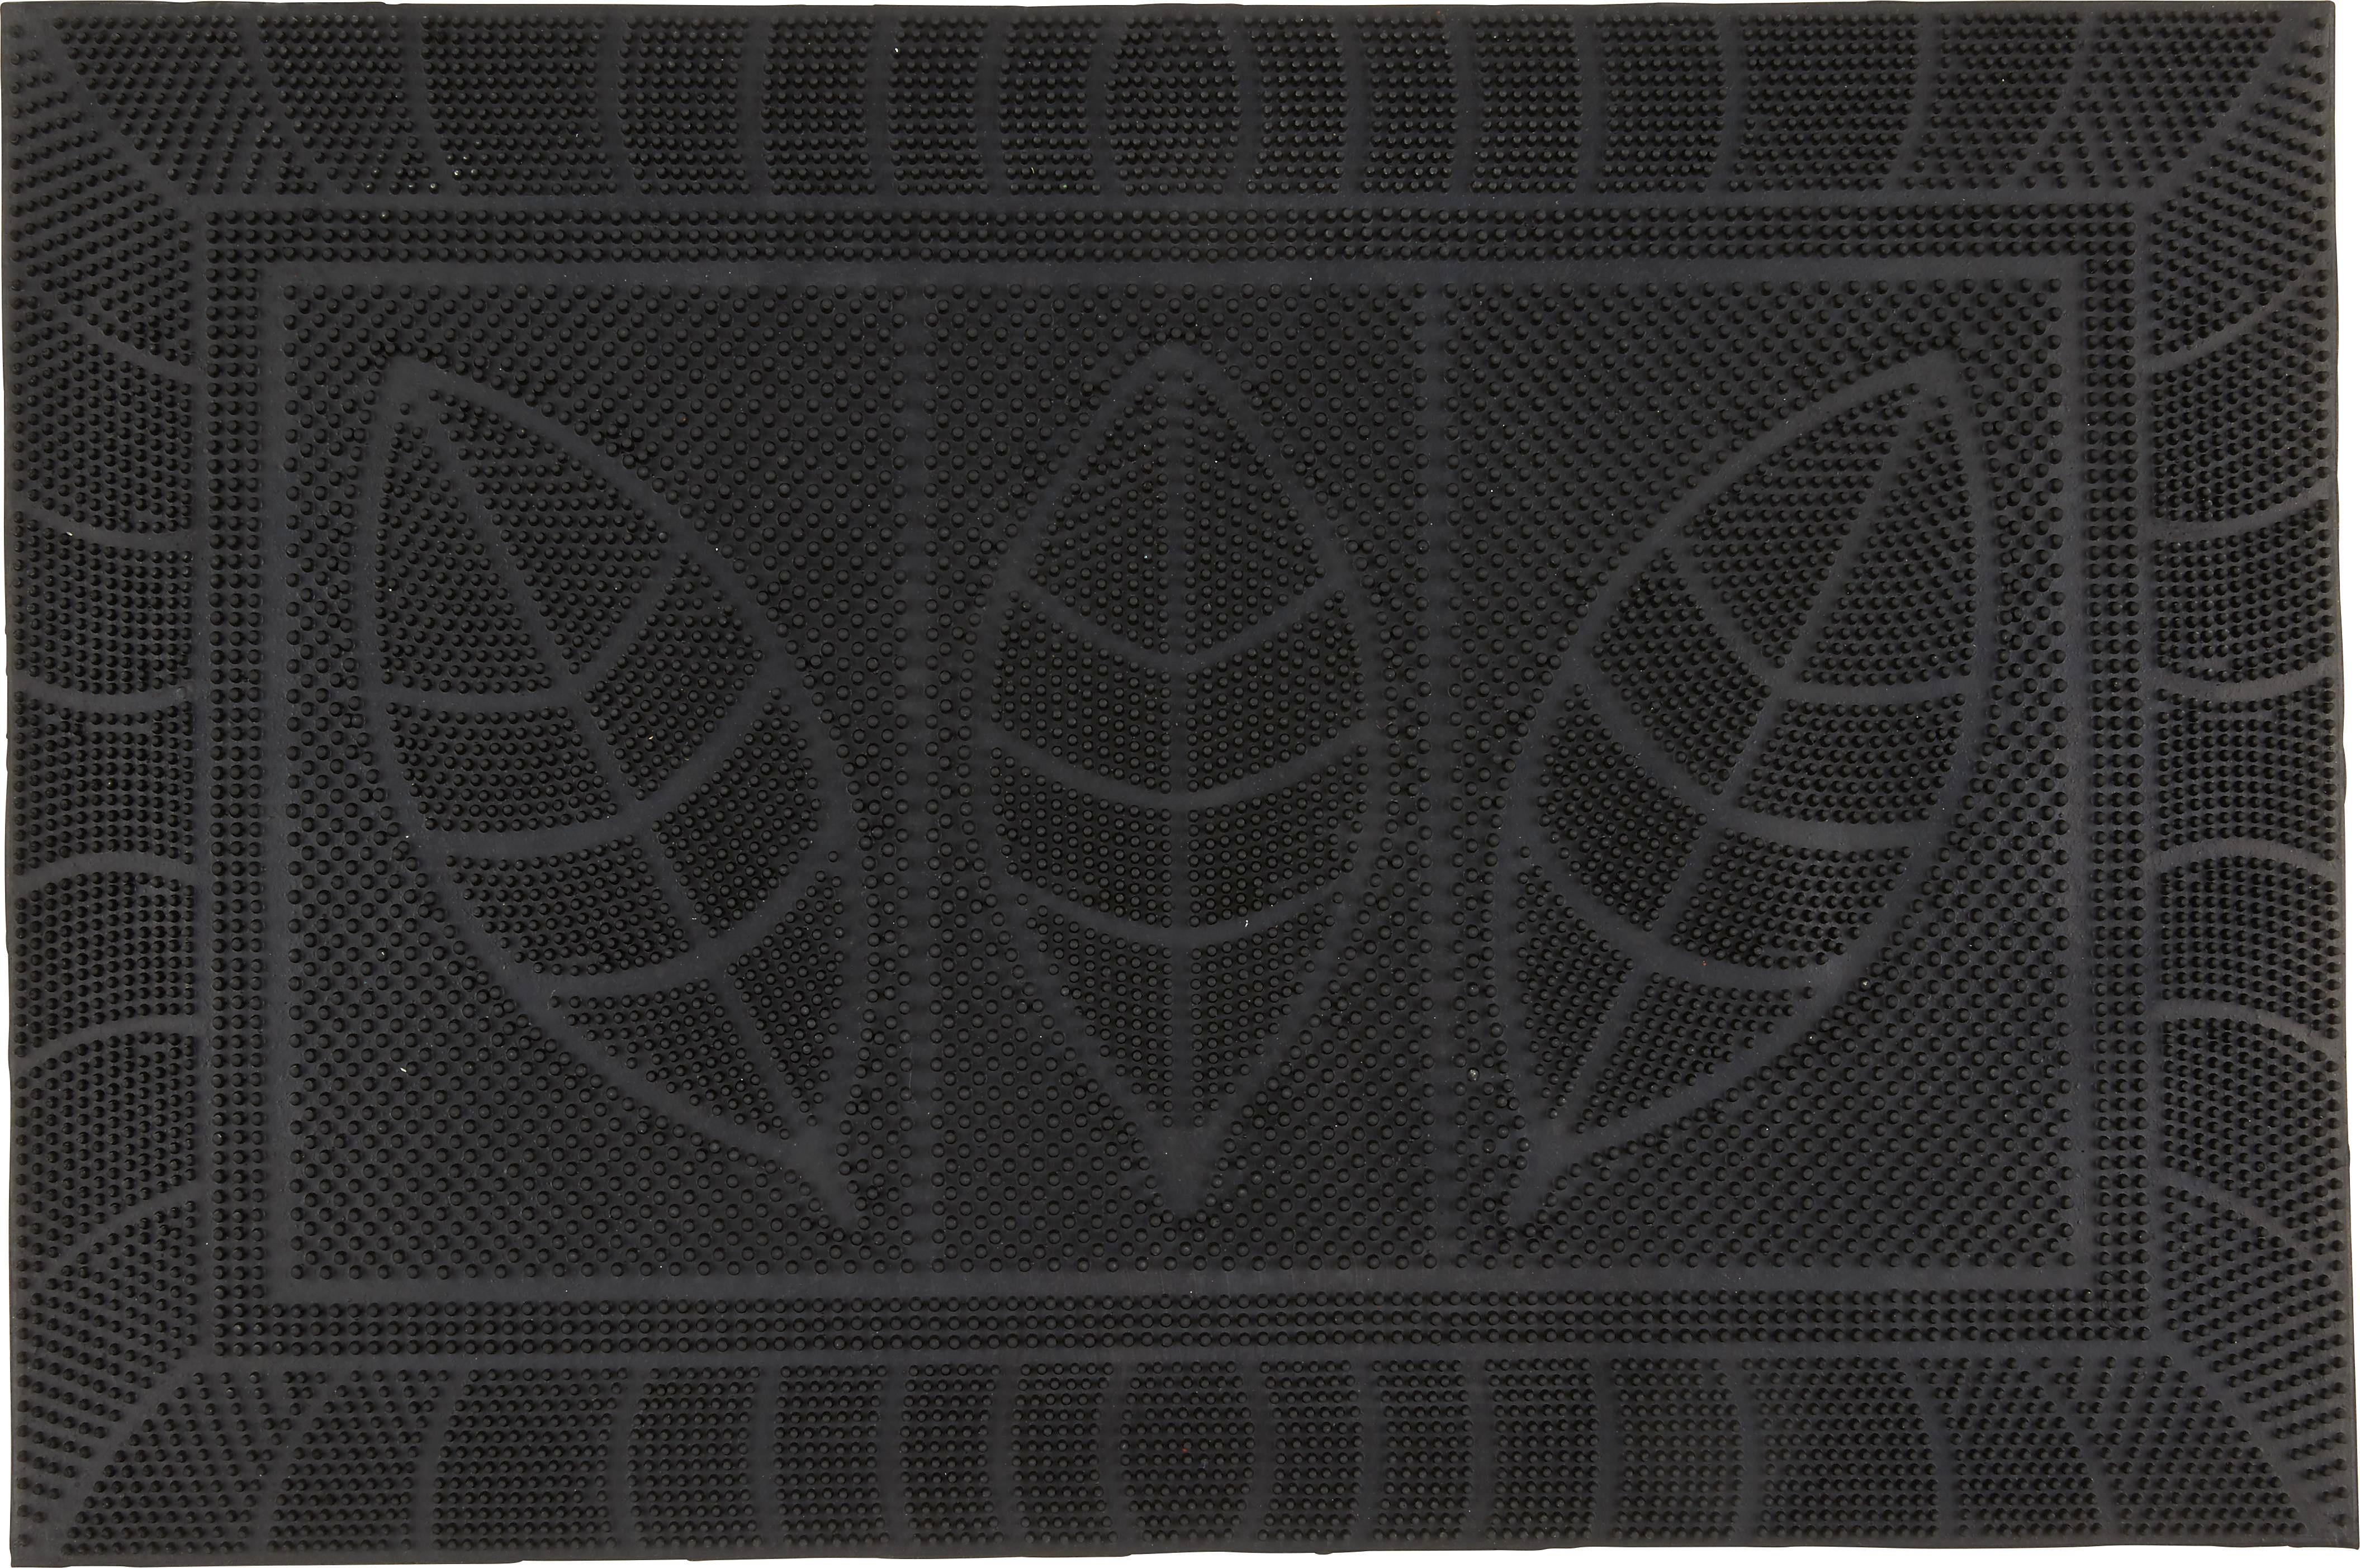 Fußmatte Doris in Schwarz, ca. 40x60cm - Schwarz, Kunststoff (40/60cm) - MÖMAX modern living